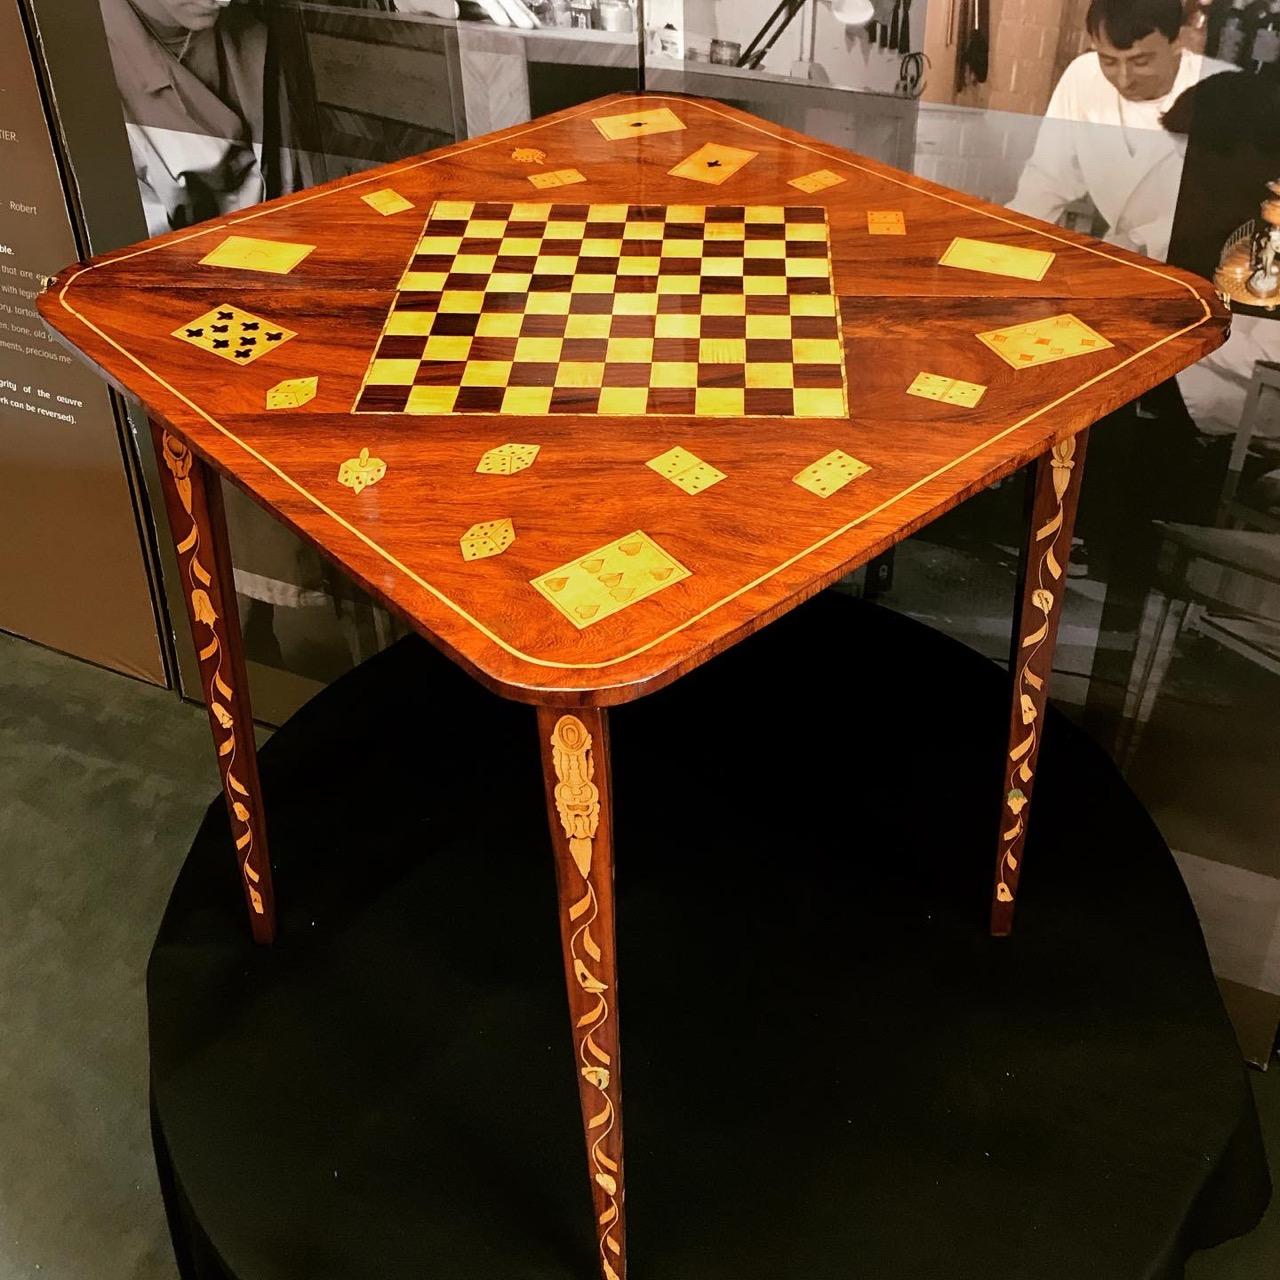 Table console triangulaire formant table à jeu. XIIIe. Travail hollandais. À quatre pieds pivotant la table console est entièrement repliable 7 | Atelier Patrice Bricout